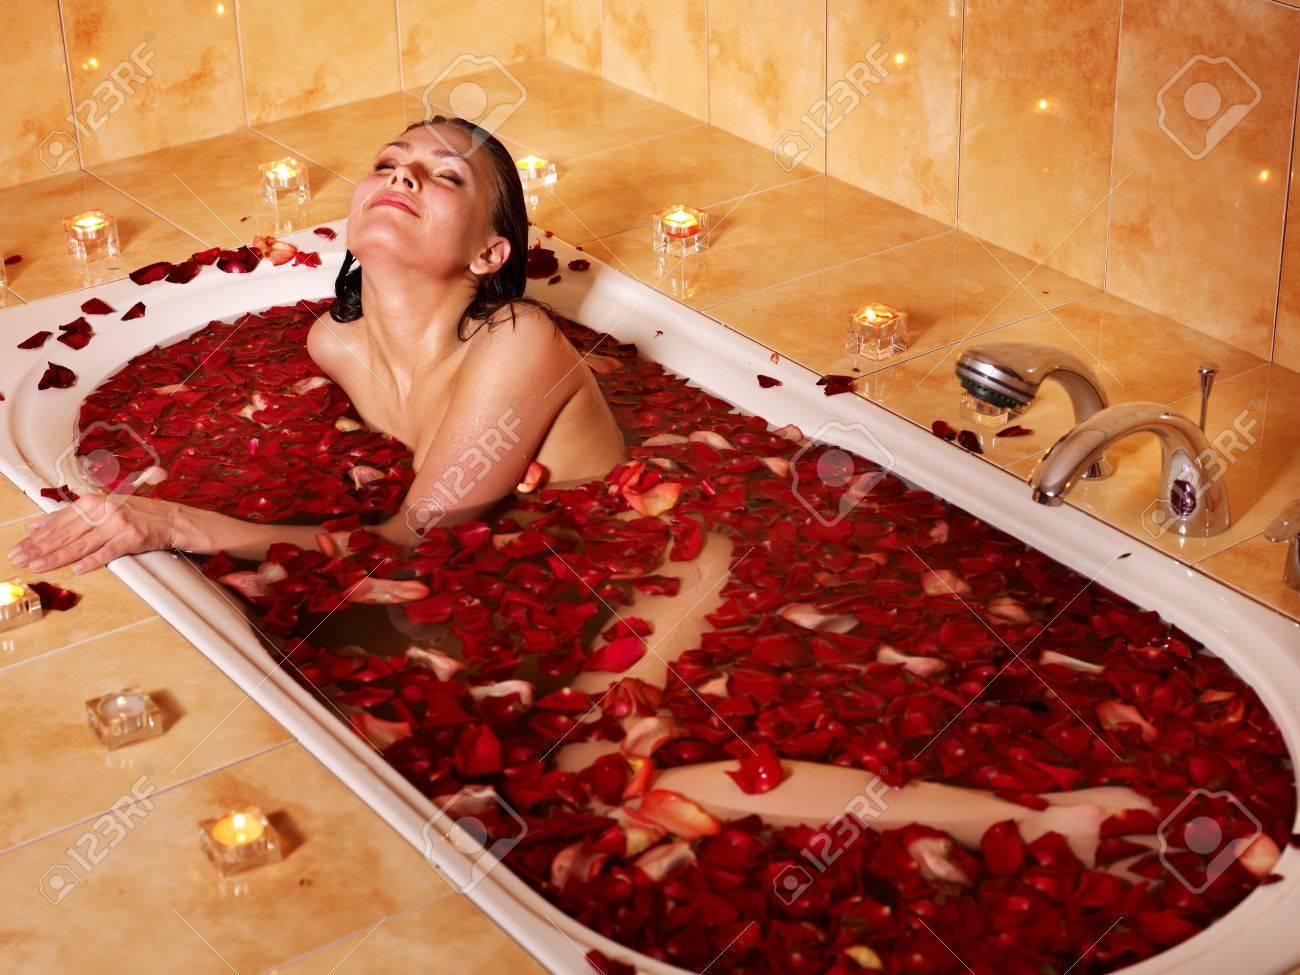 Романтика в банi 4 фотография